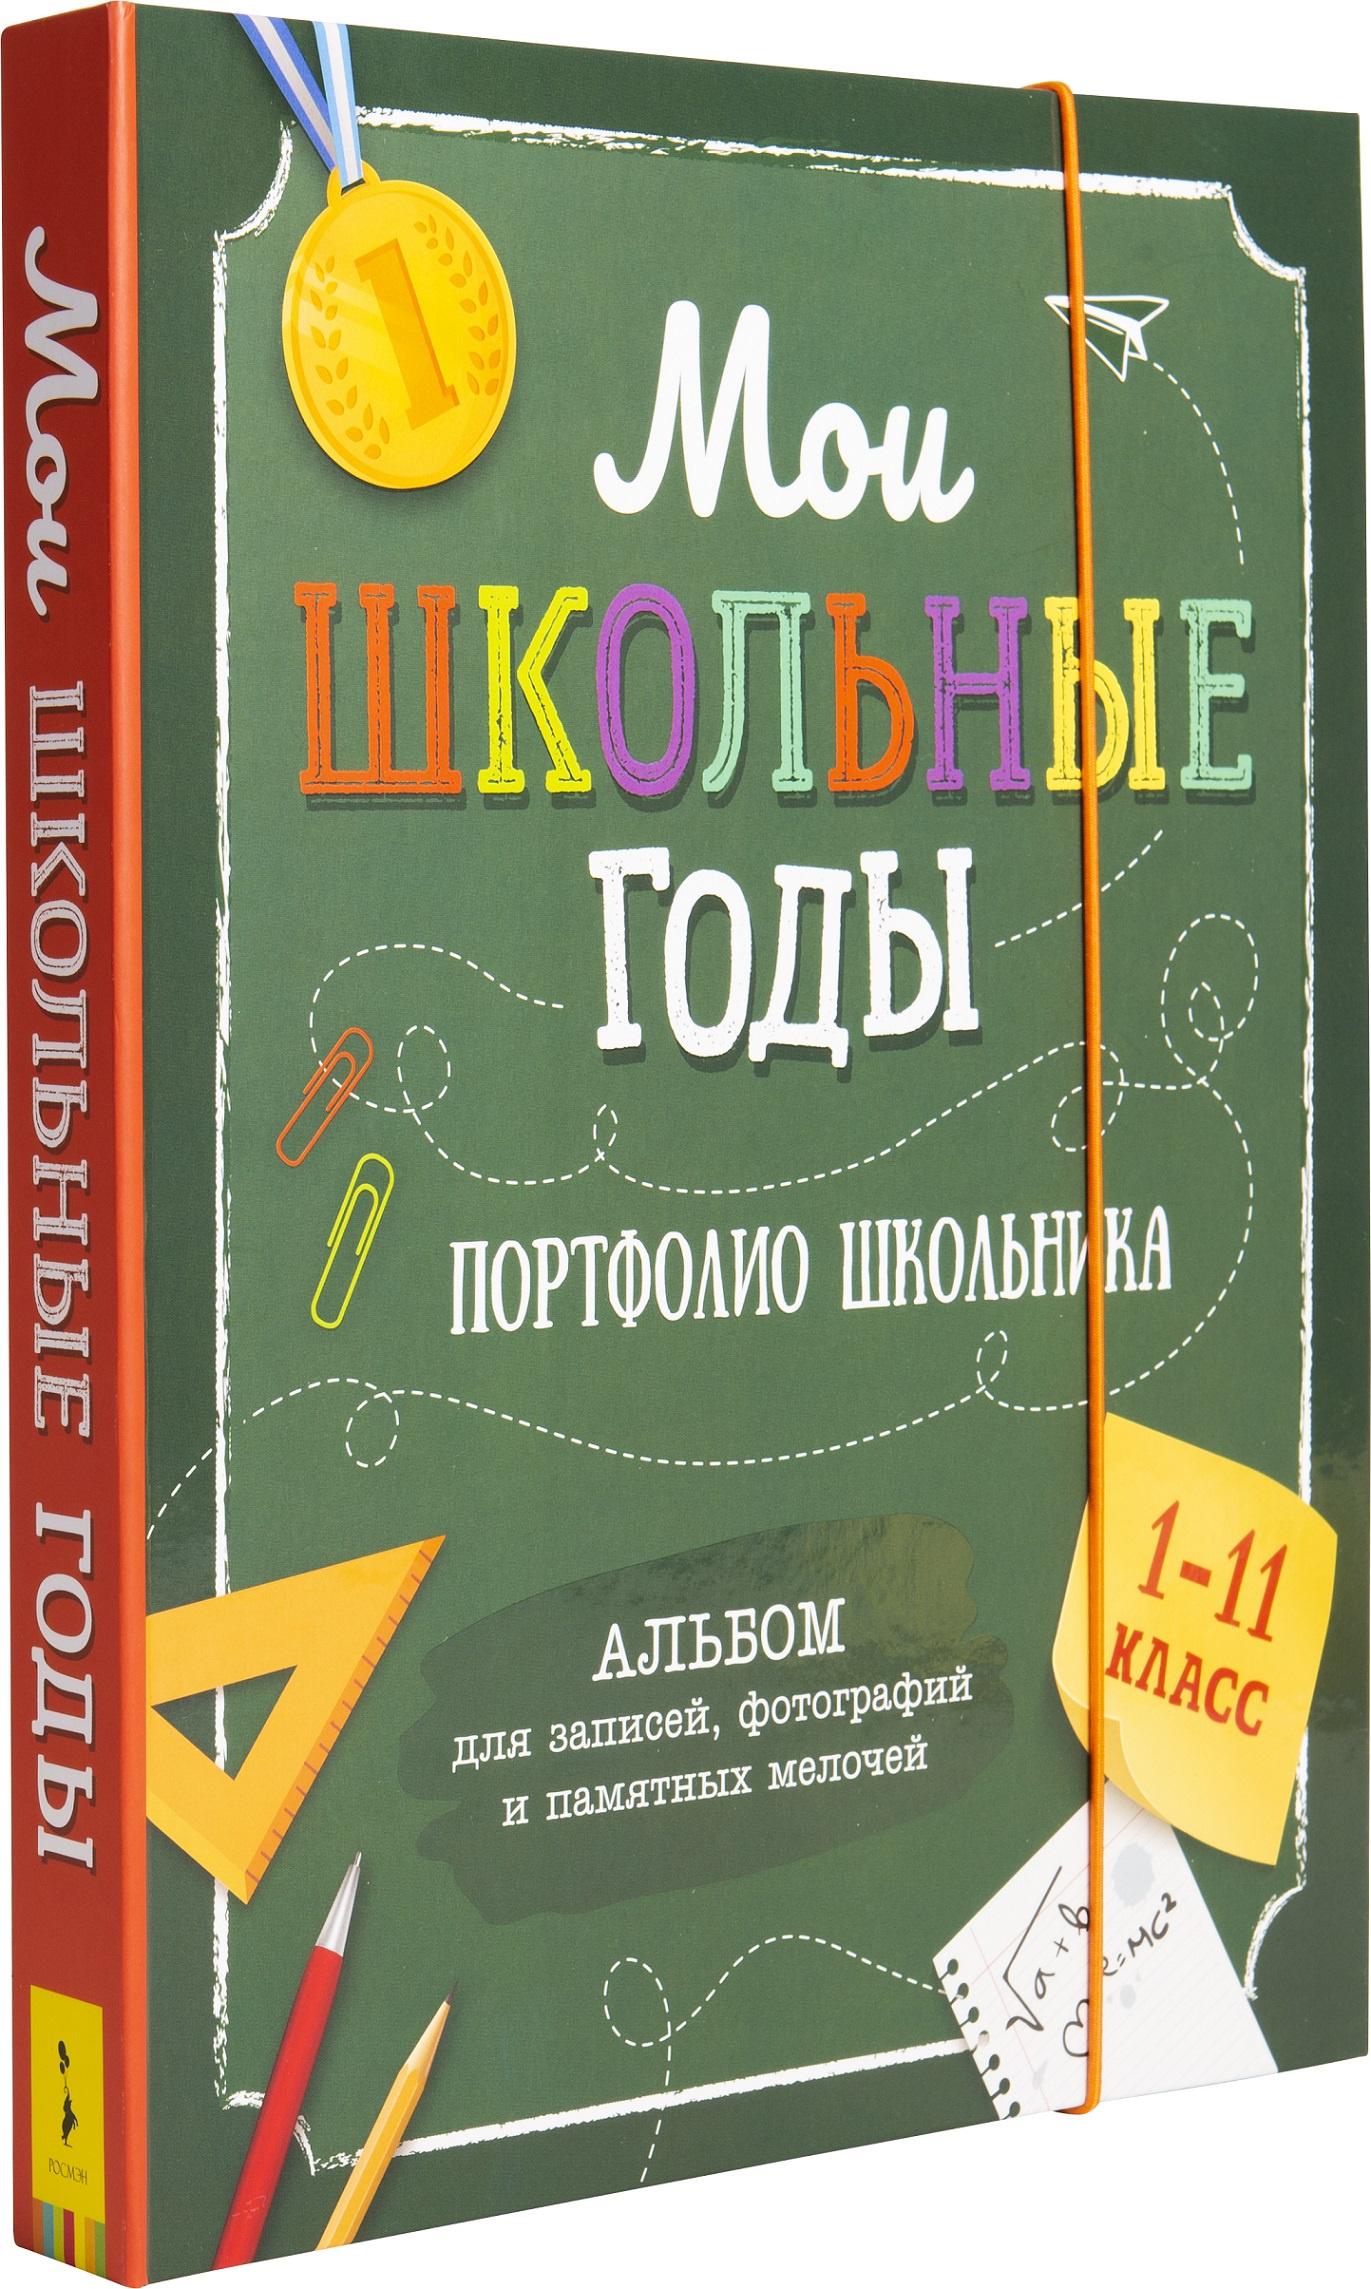 Евдокимова А. В. Мои школьные годы (Портфолио школьника)